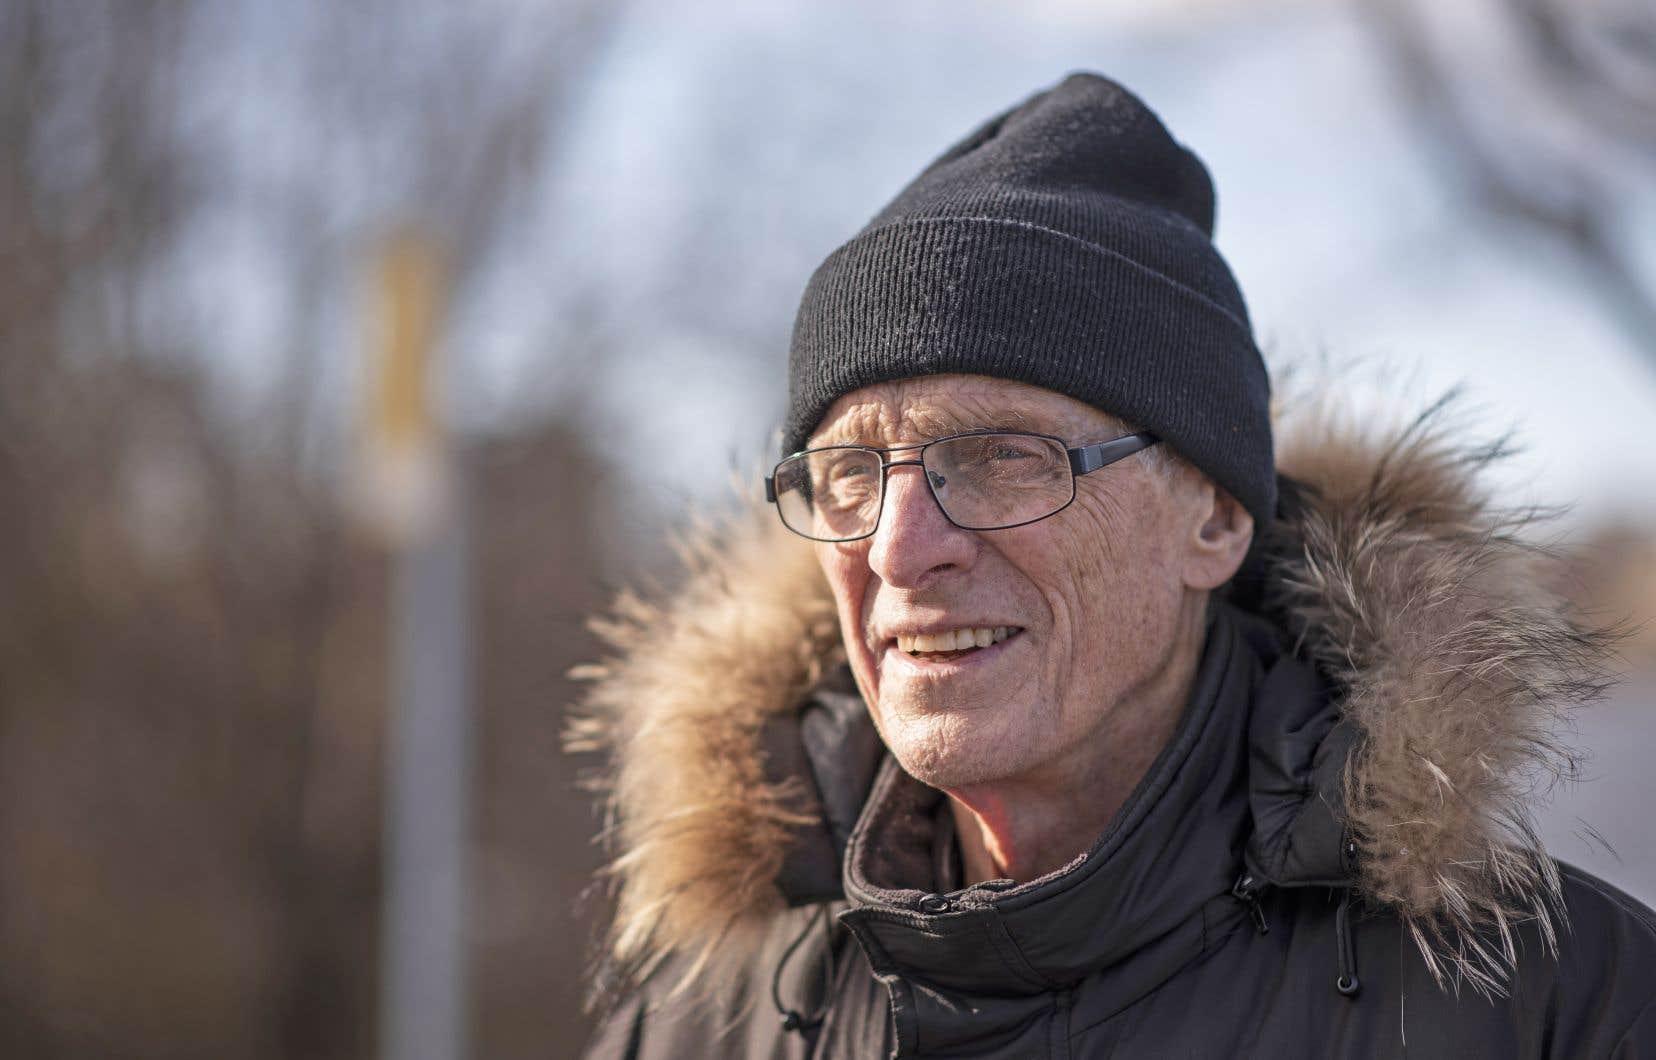 L'anthropologue Rémi Savard a été salué pour son approche d'intégration et de compréhension auprès des communautés autochtones.